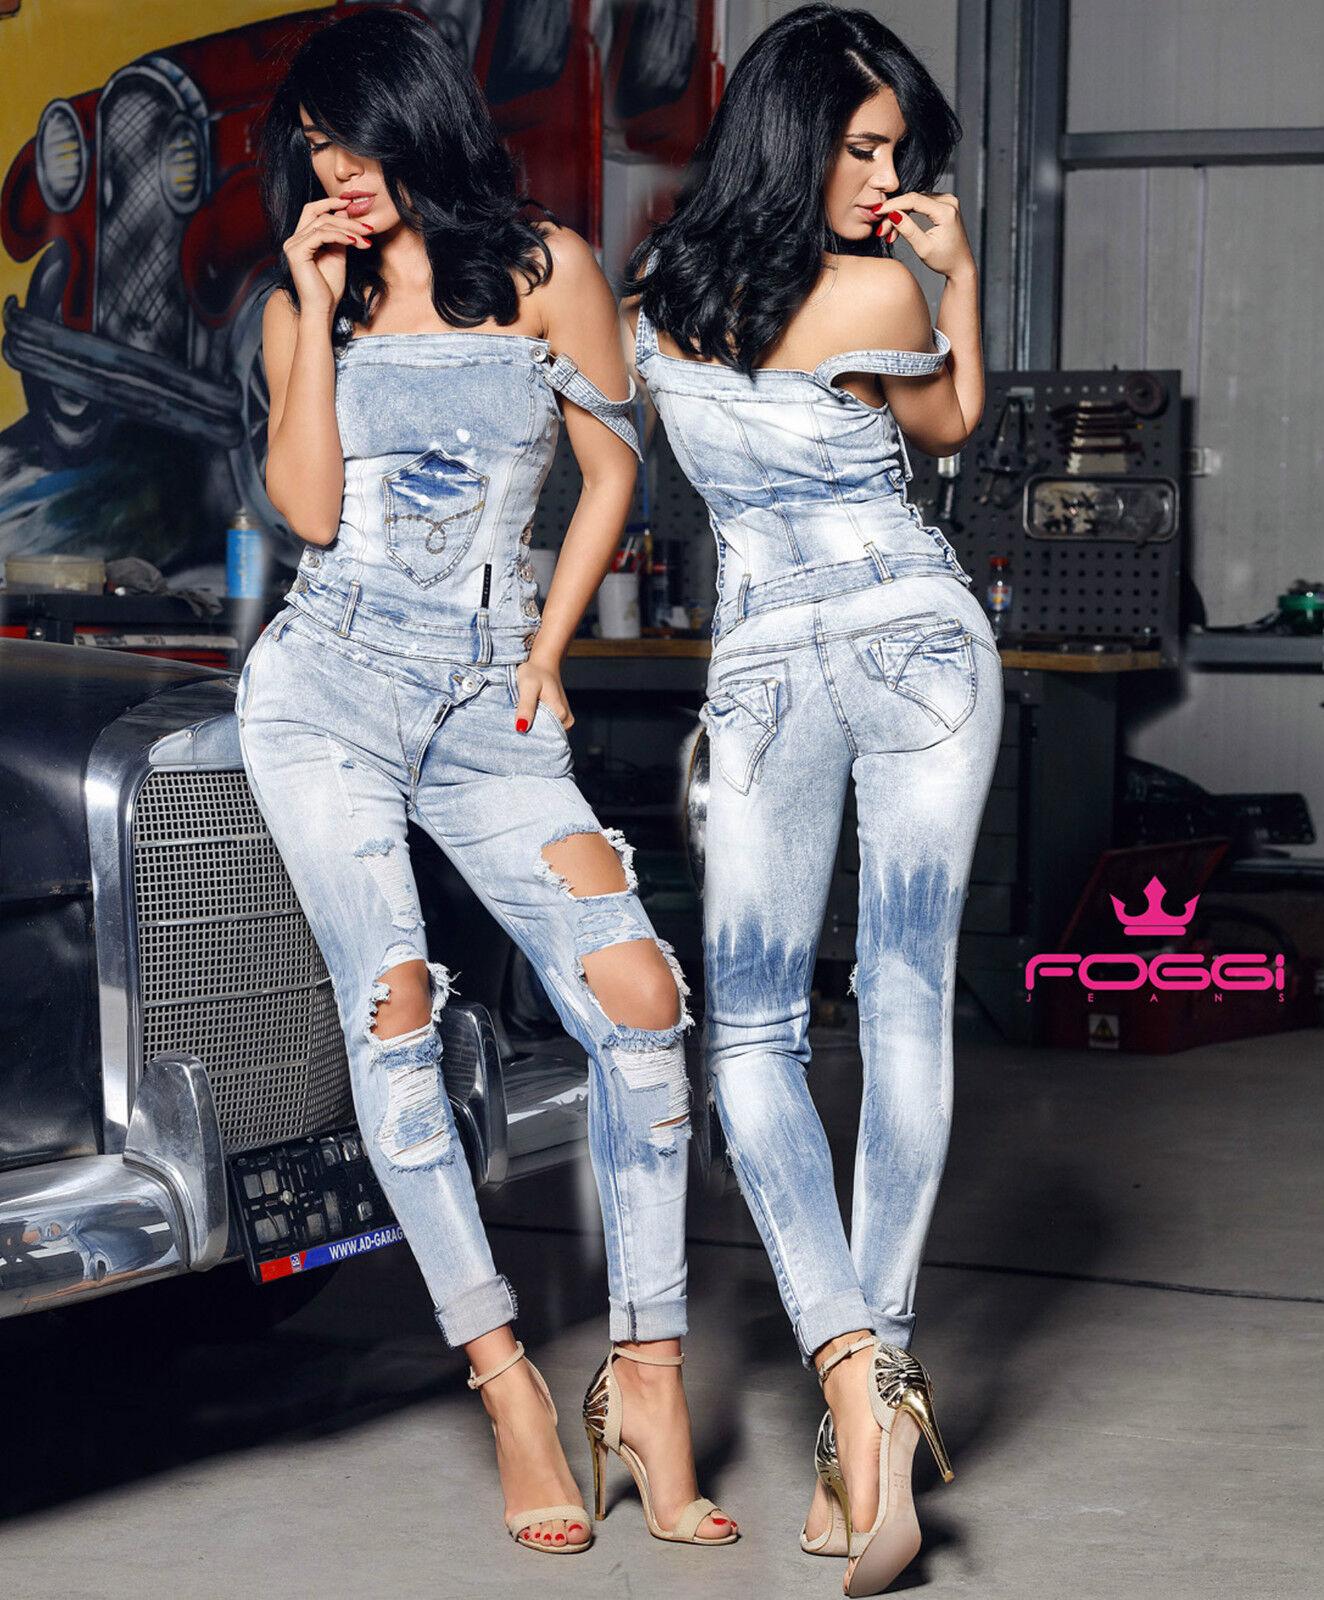 Foggi Jeans 2-Teiler Jeanstop Trägertop Boyfriendjeans Boyfriendjeans Boyfriendjeans Damenhose Blau XS-M db89c3